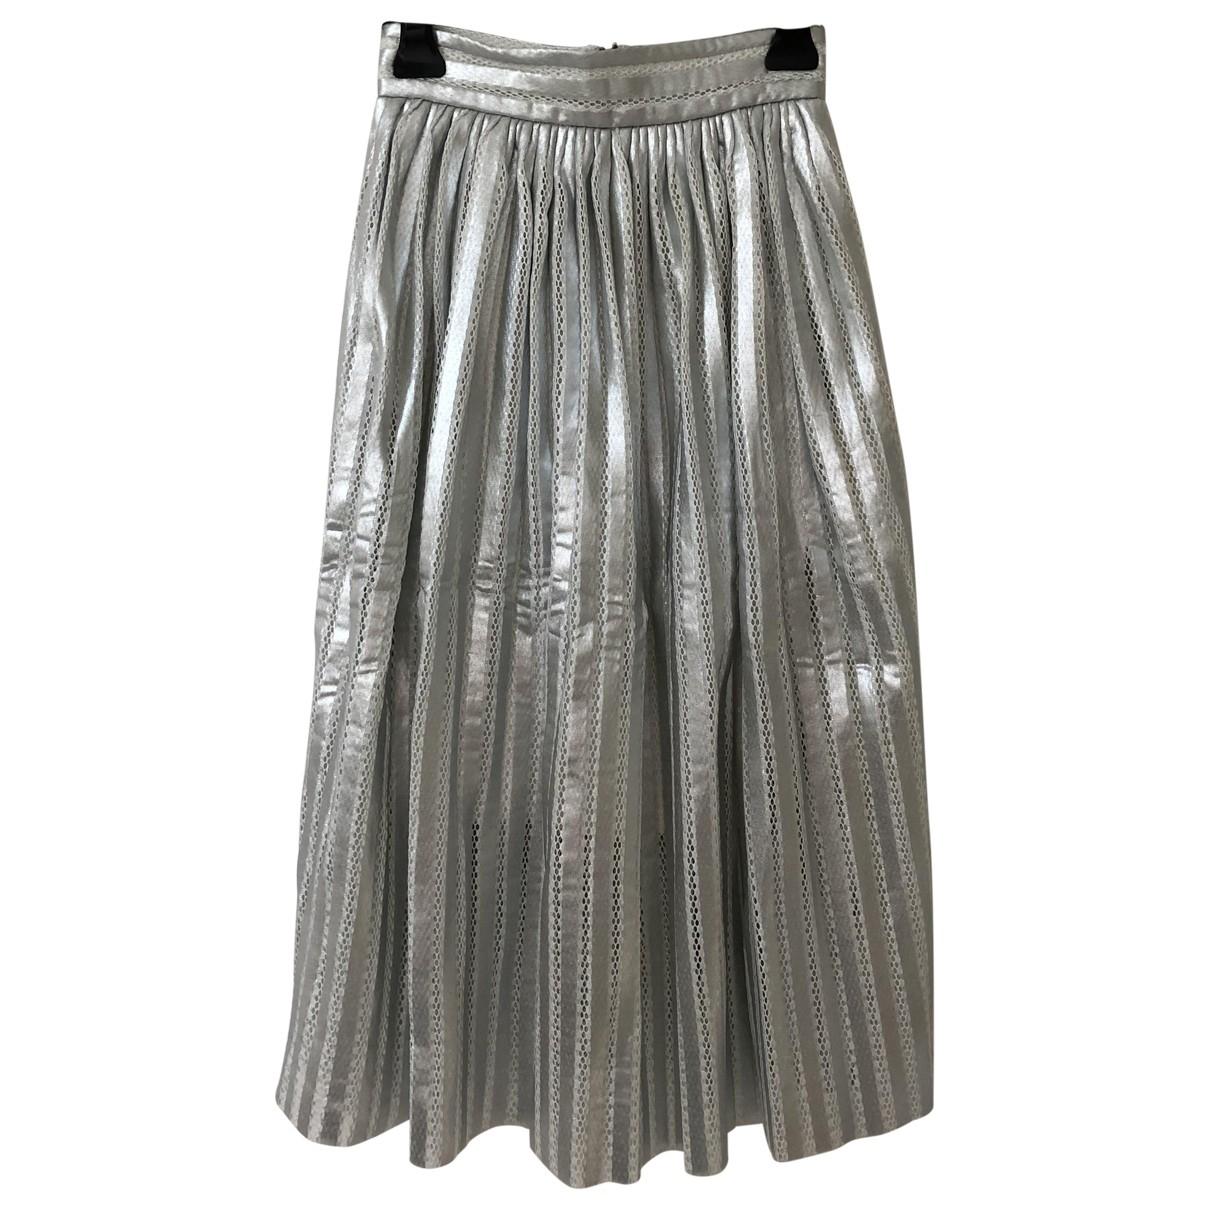 Maje \N Silver skirt for Women 1 0-5